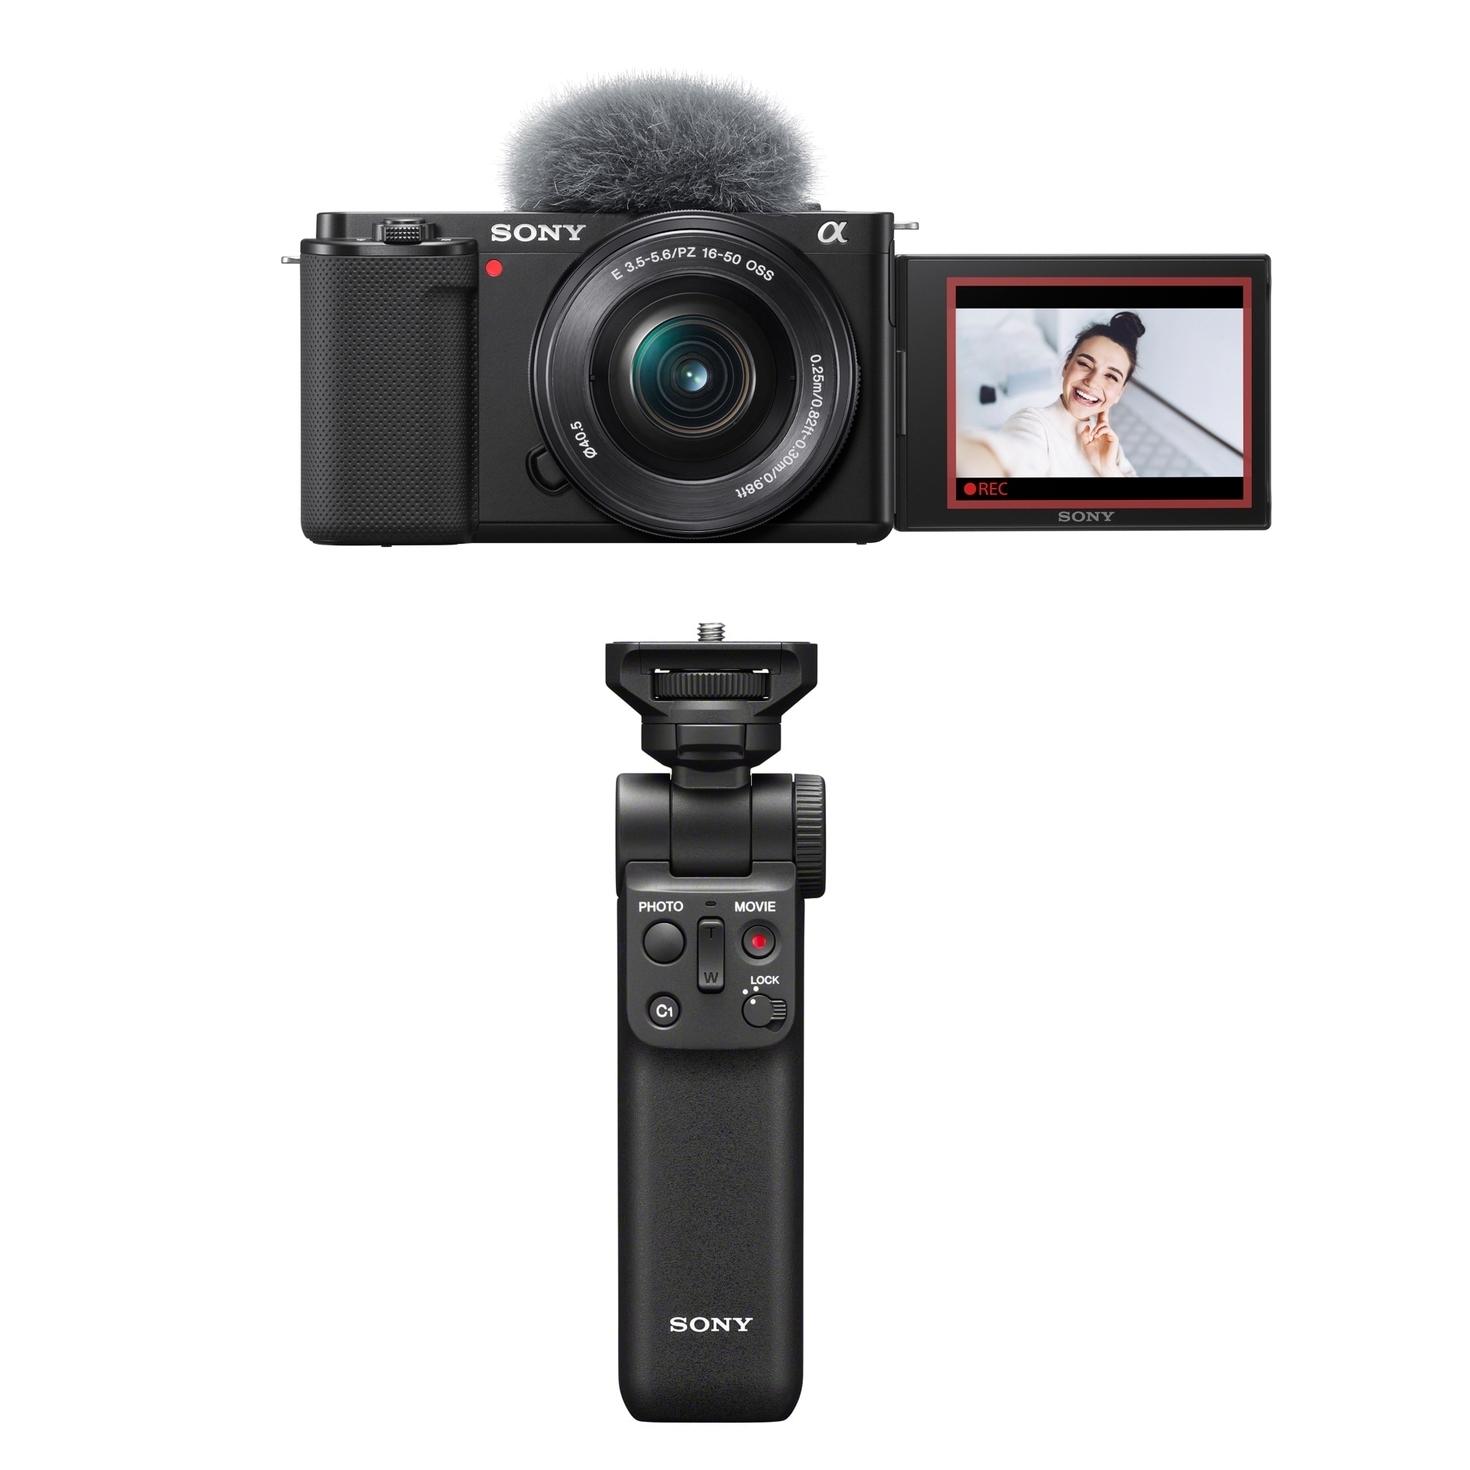 Sony Alpha ZV-E10 schwarz inkl. Sony E PZ 16-50mm 1:3,5-5,6 OSS + Sony SEL 10-18MM 1:4,0 OSS + Sony GP-VPT2BT Handgriff